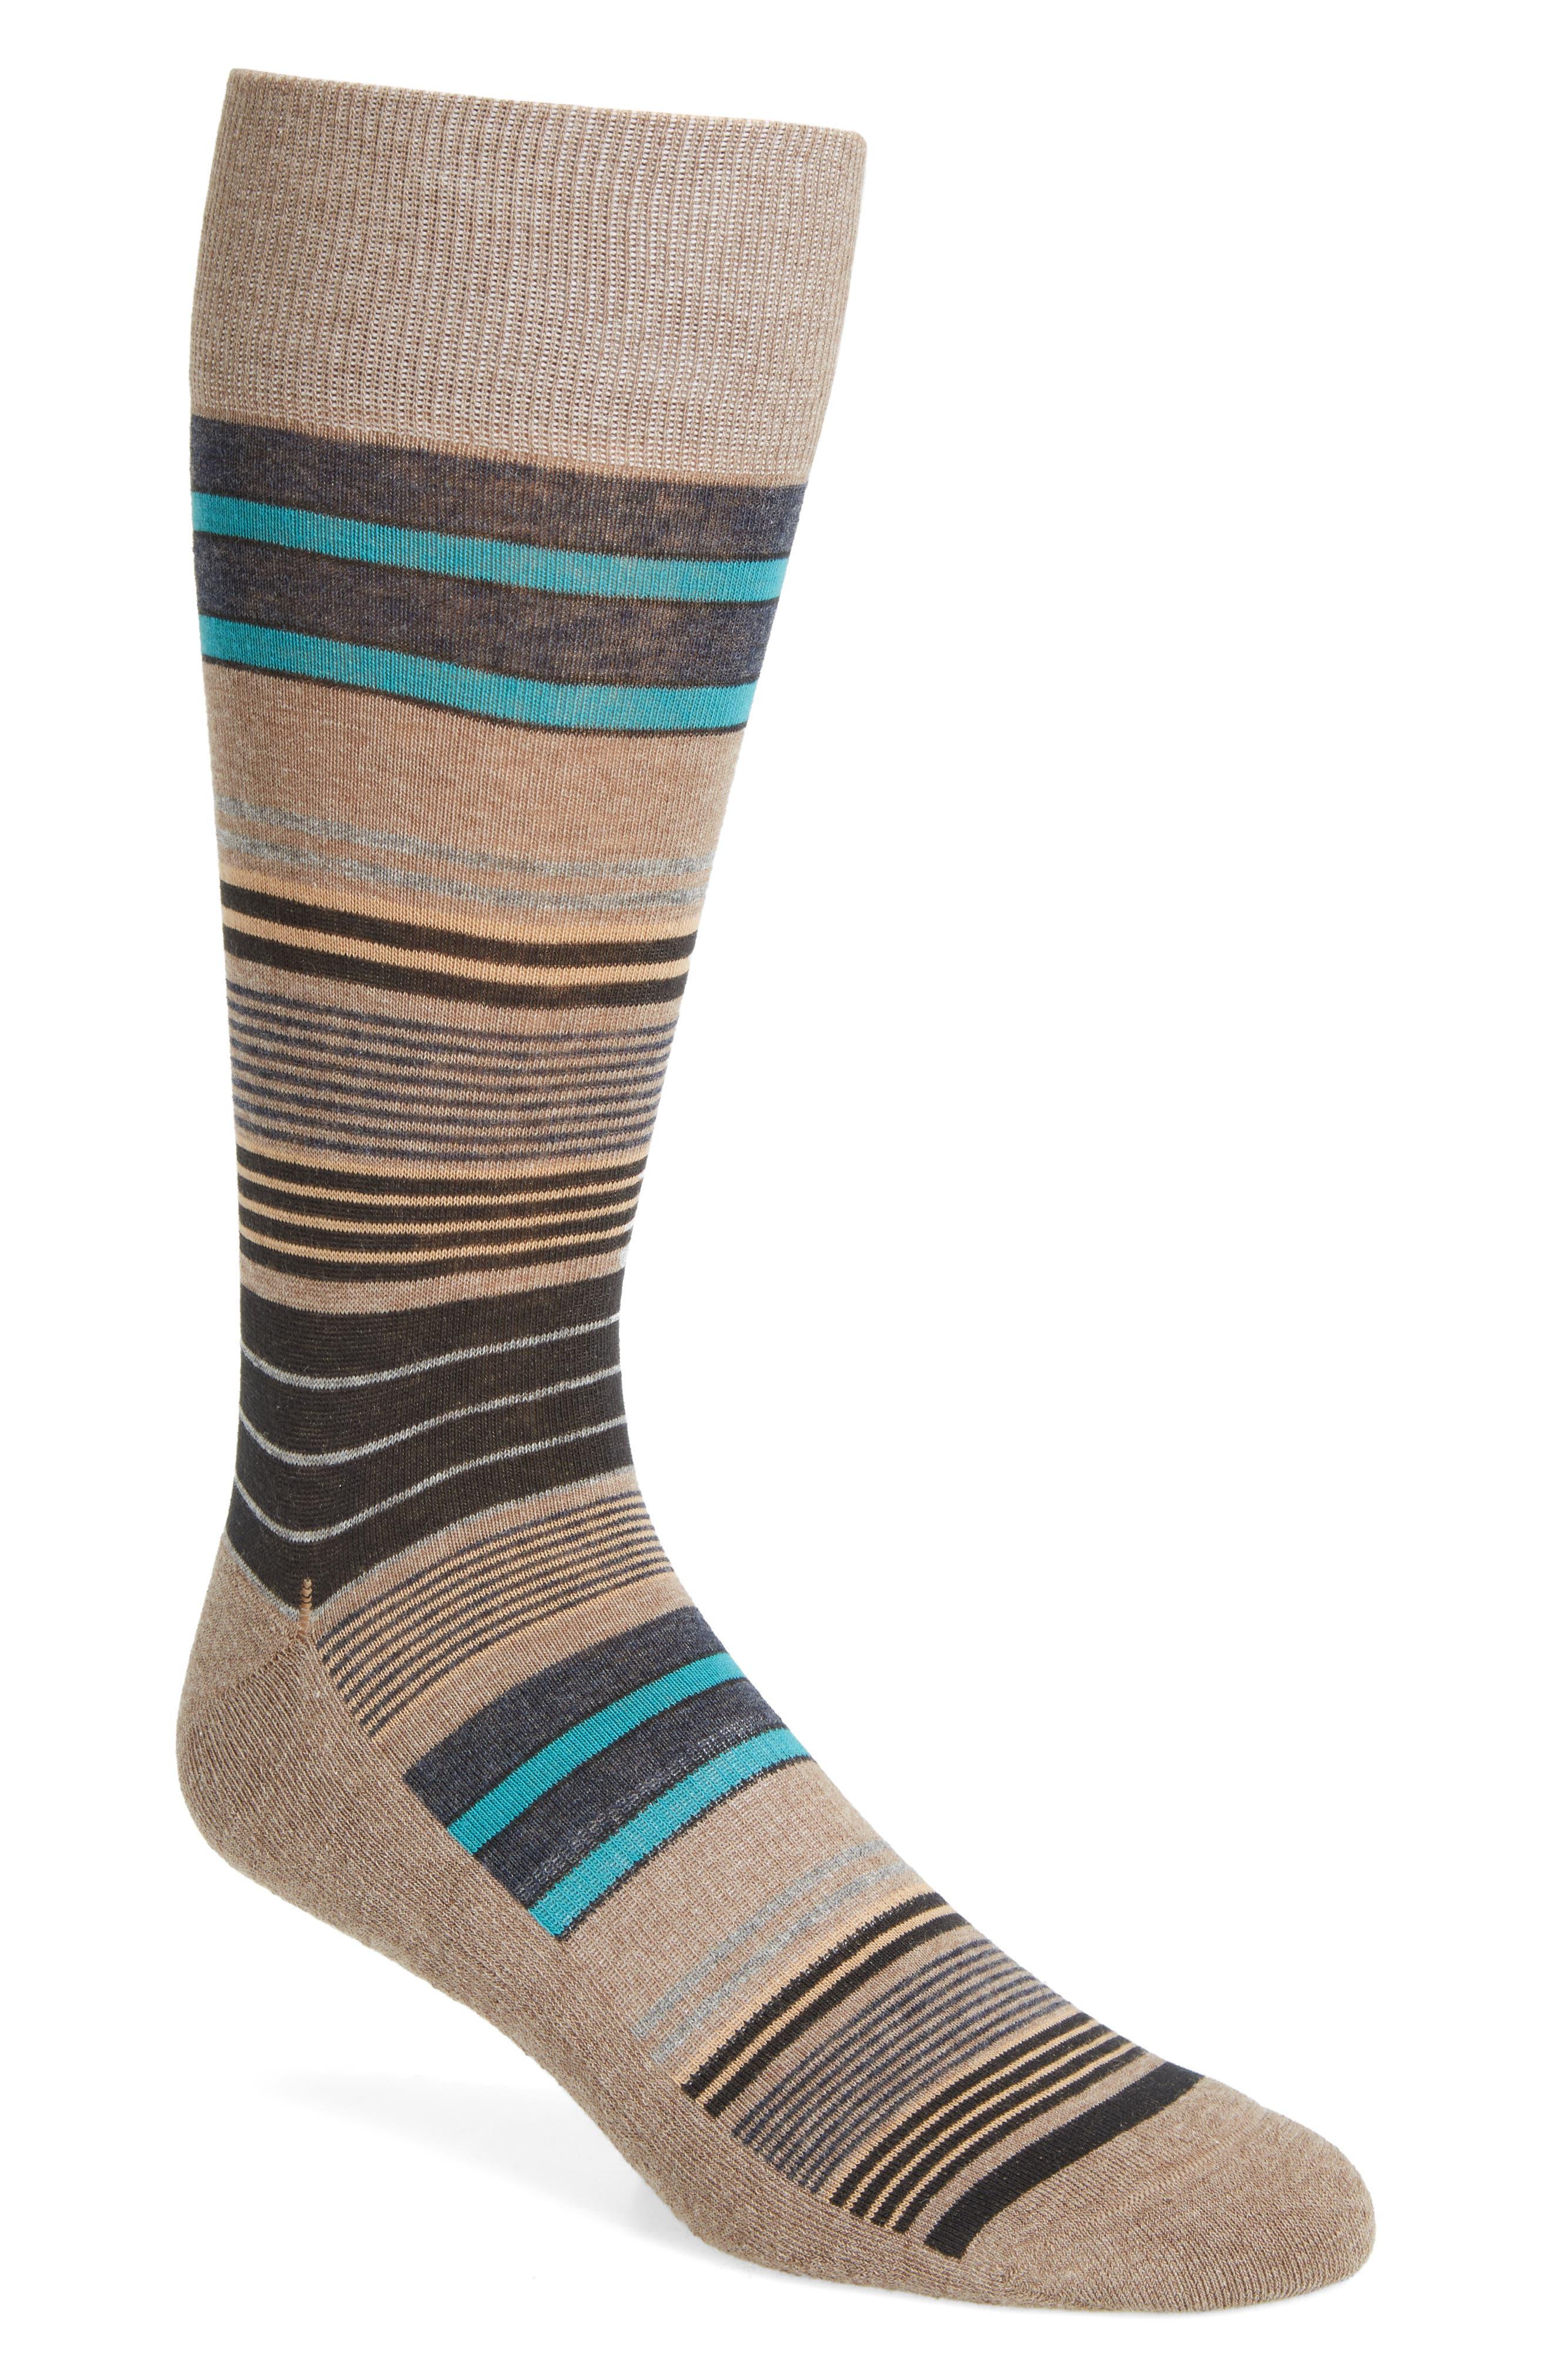 Nordstrom Men's Shop Random Stripe Socks